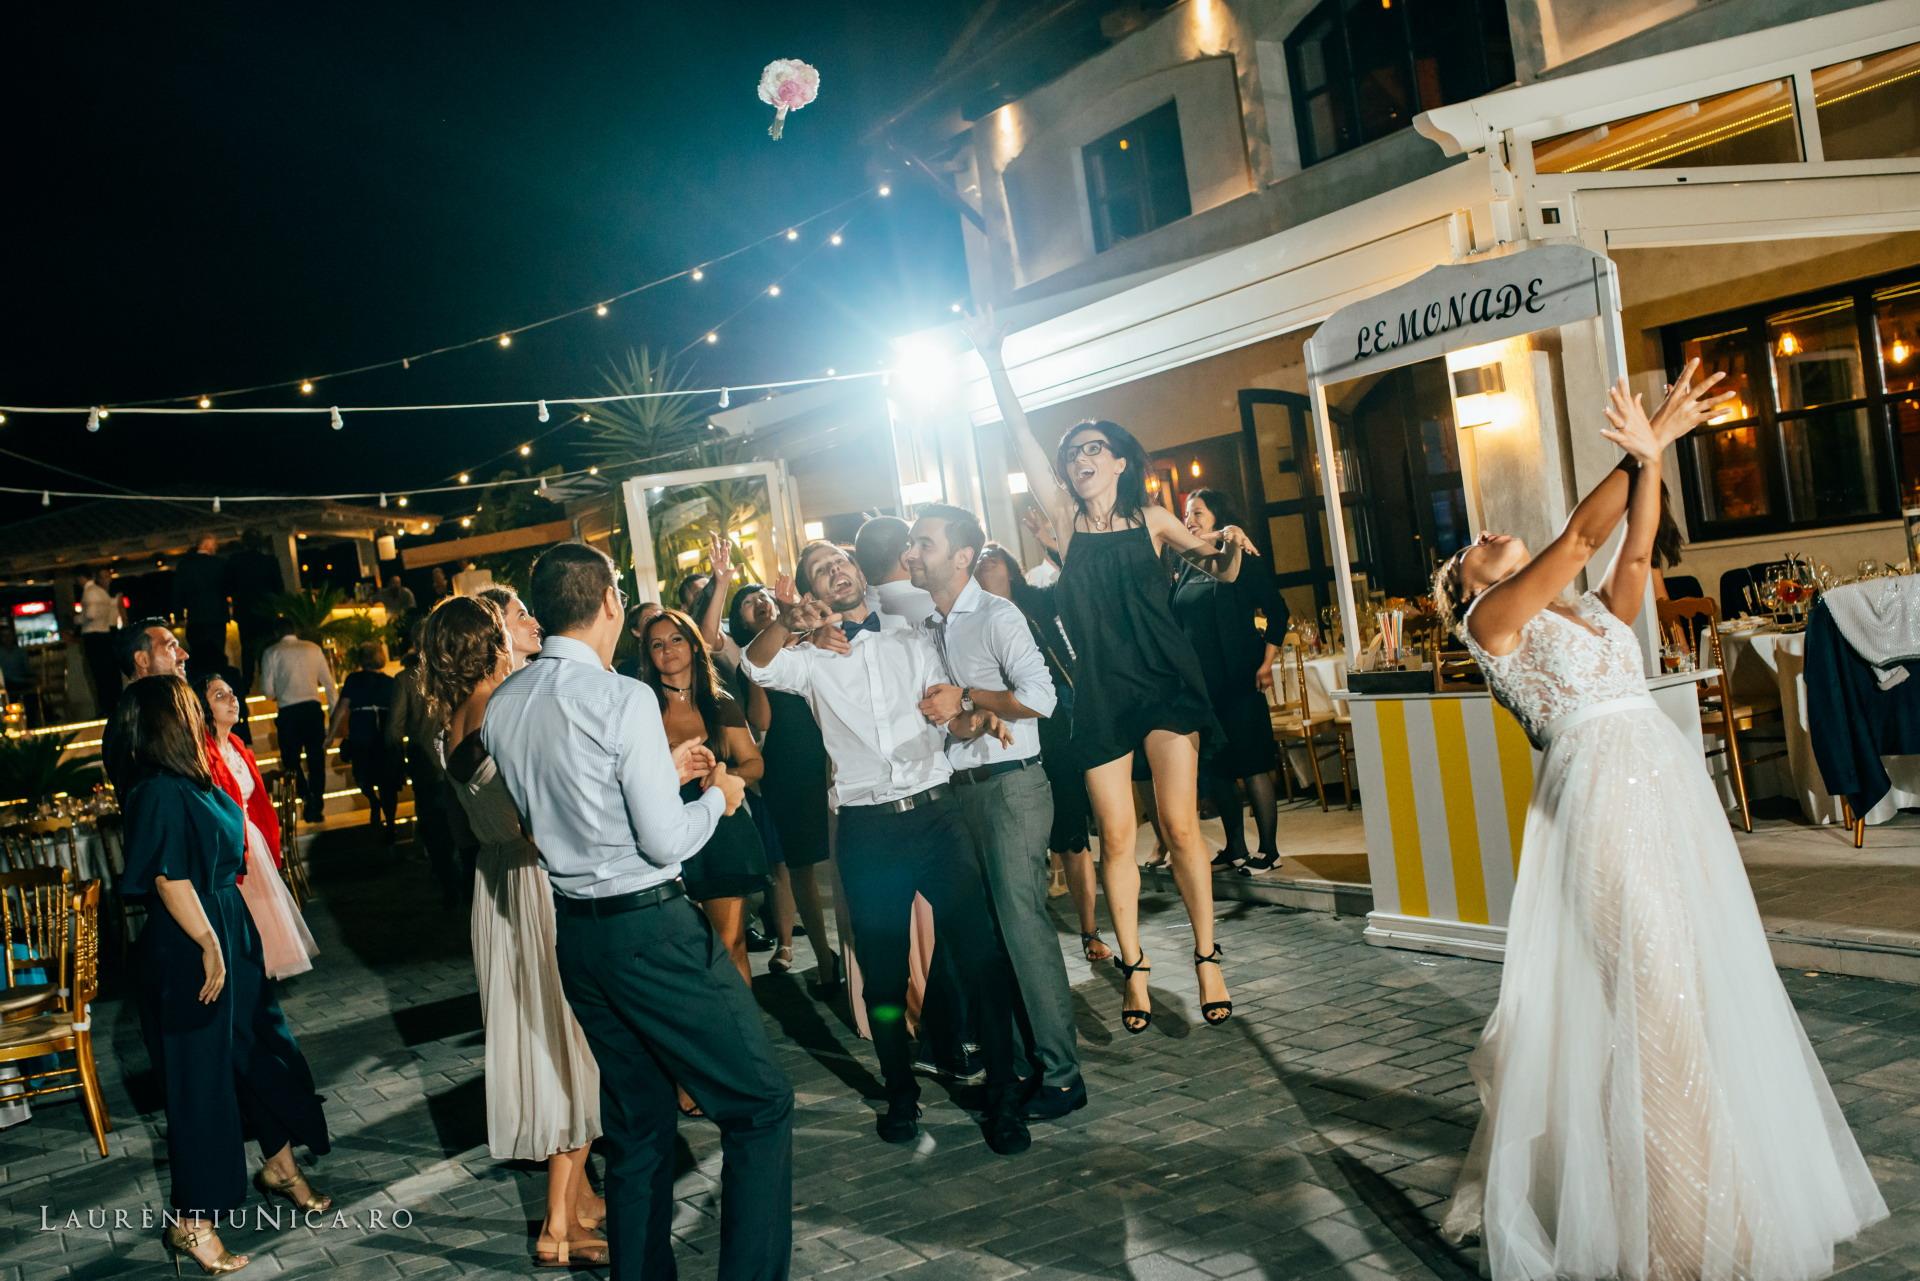 carolina si sorin craiova fotograf nunta laurentiu nica89 - Carolina & Sorin | Fotografii nunta